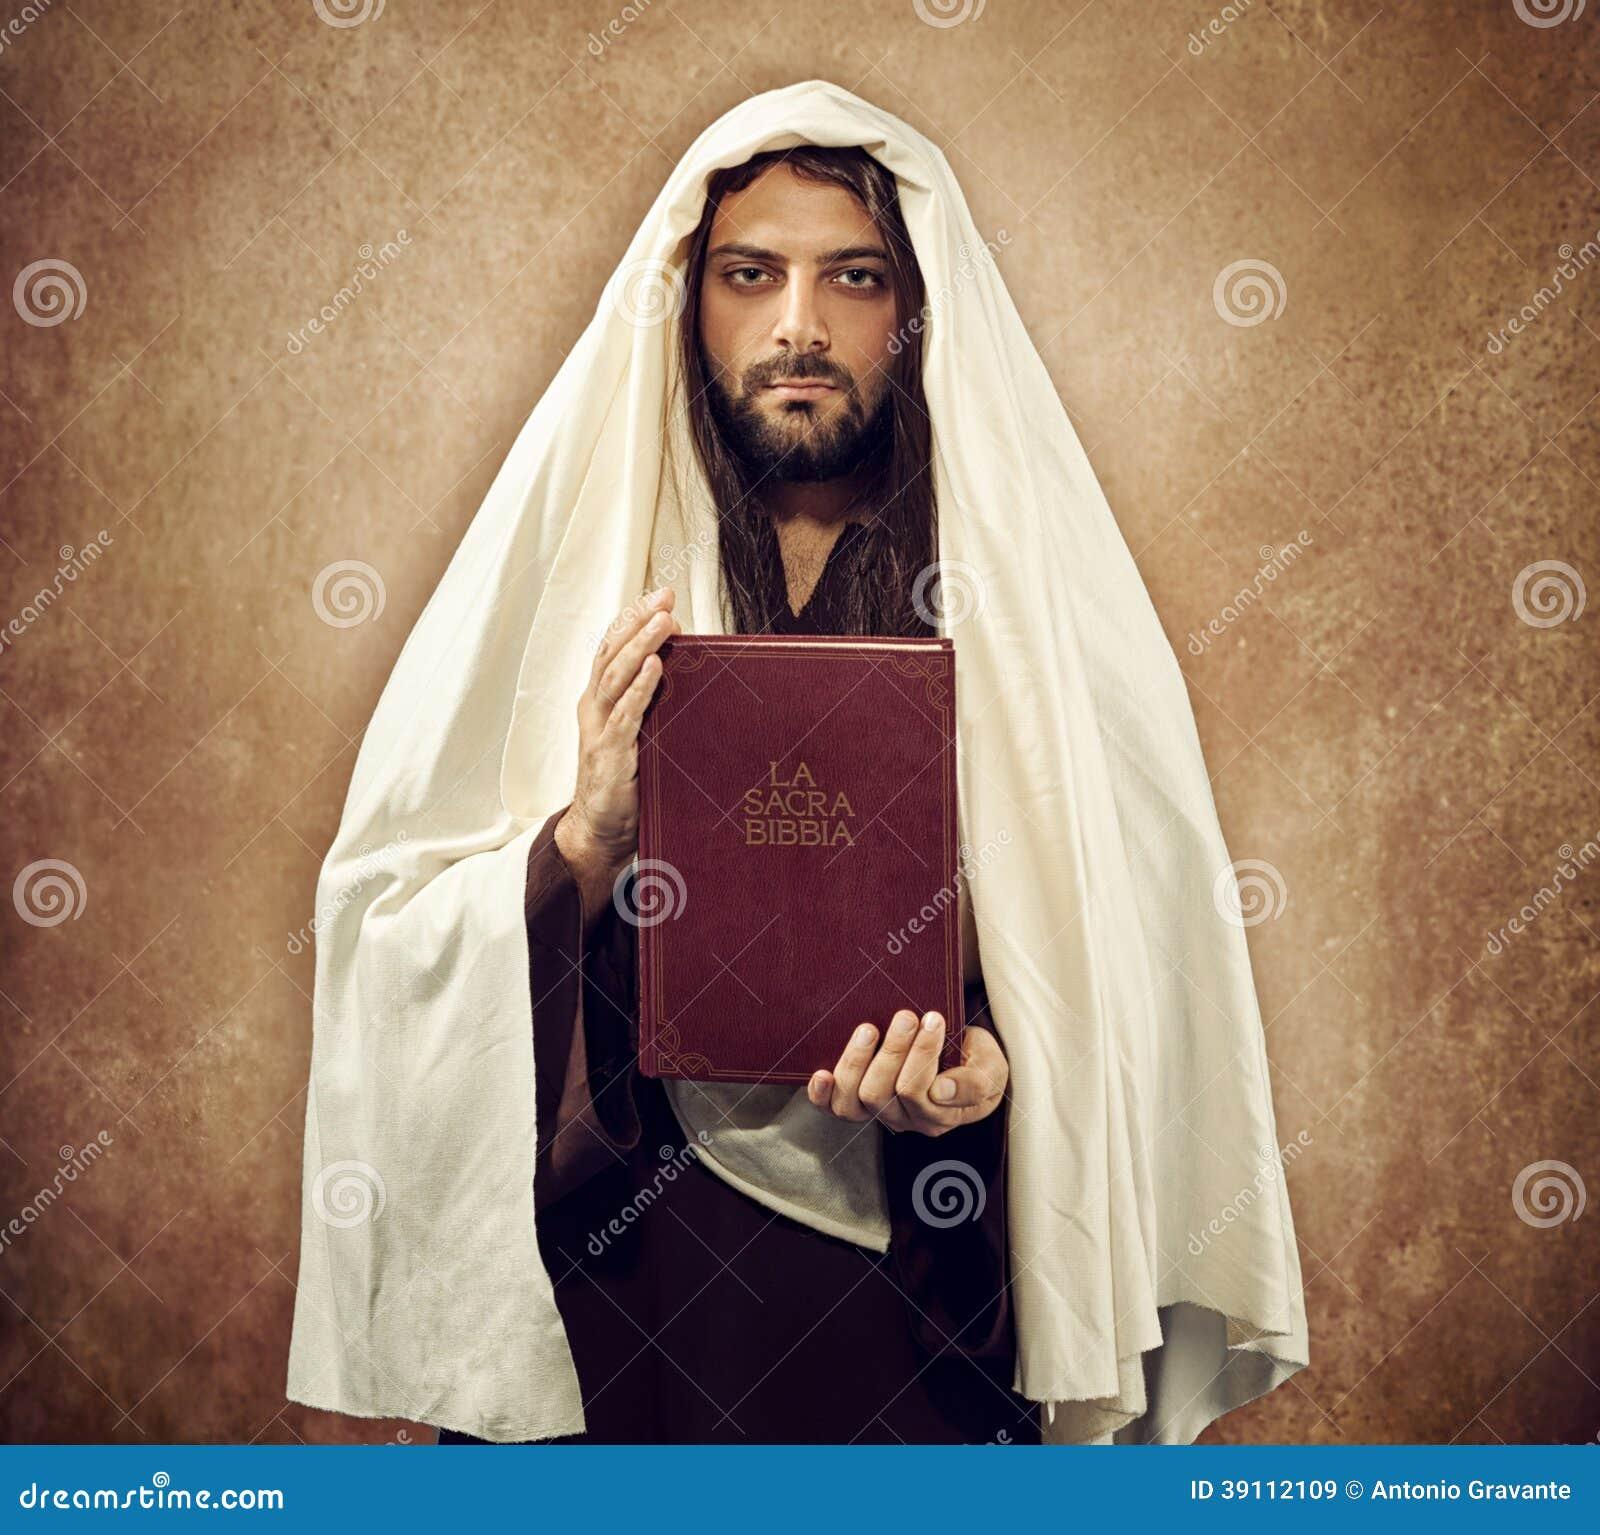 Jesus toont de heilige bijbel